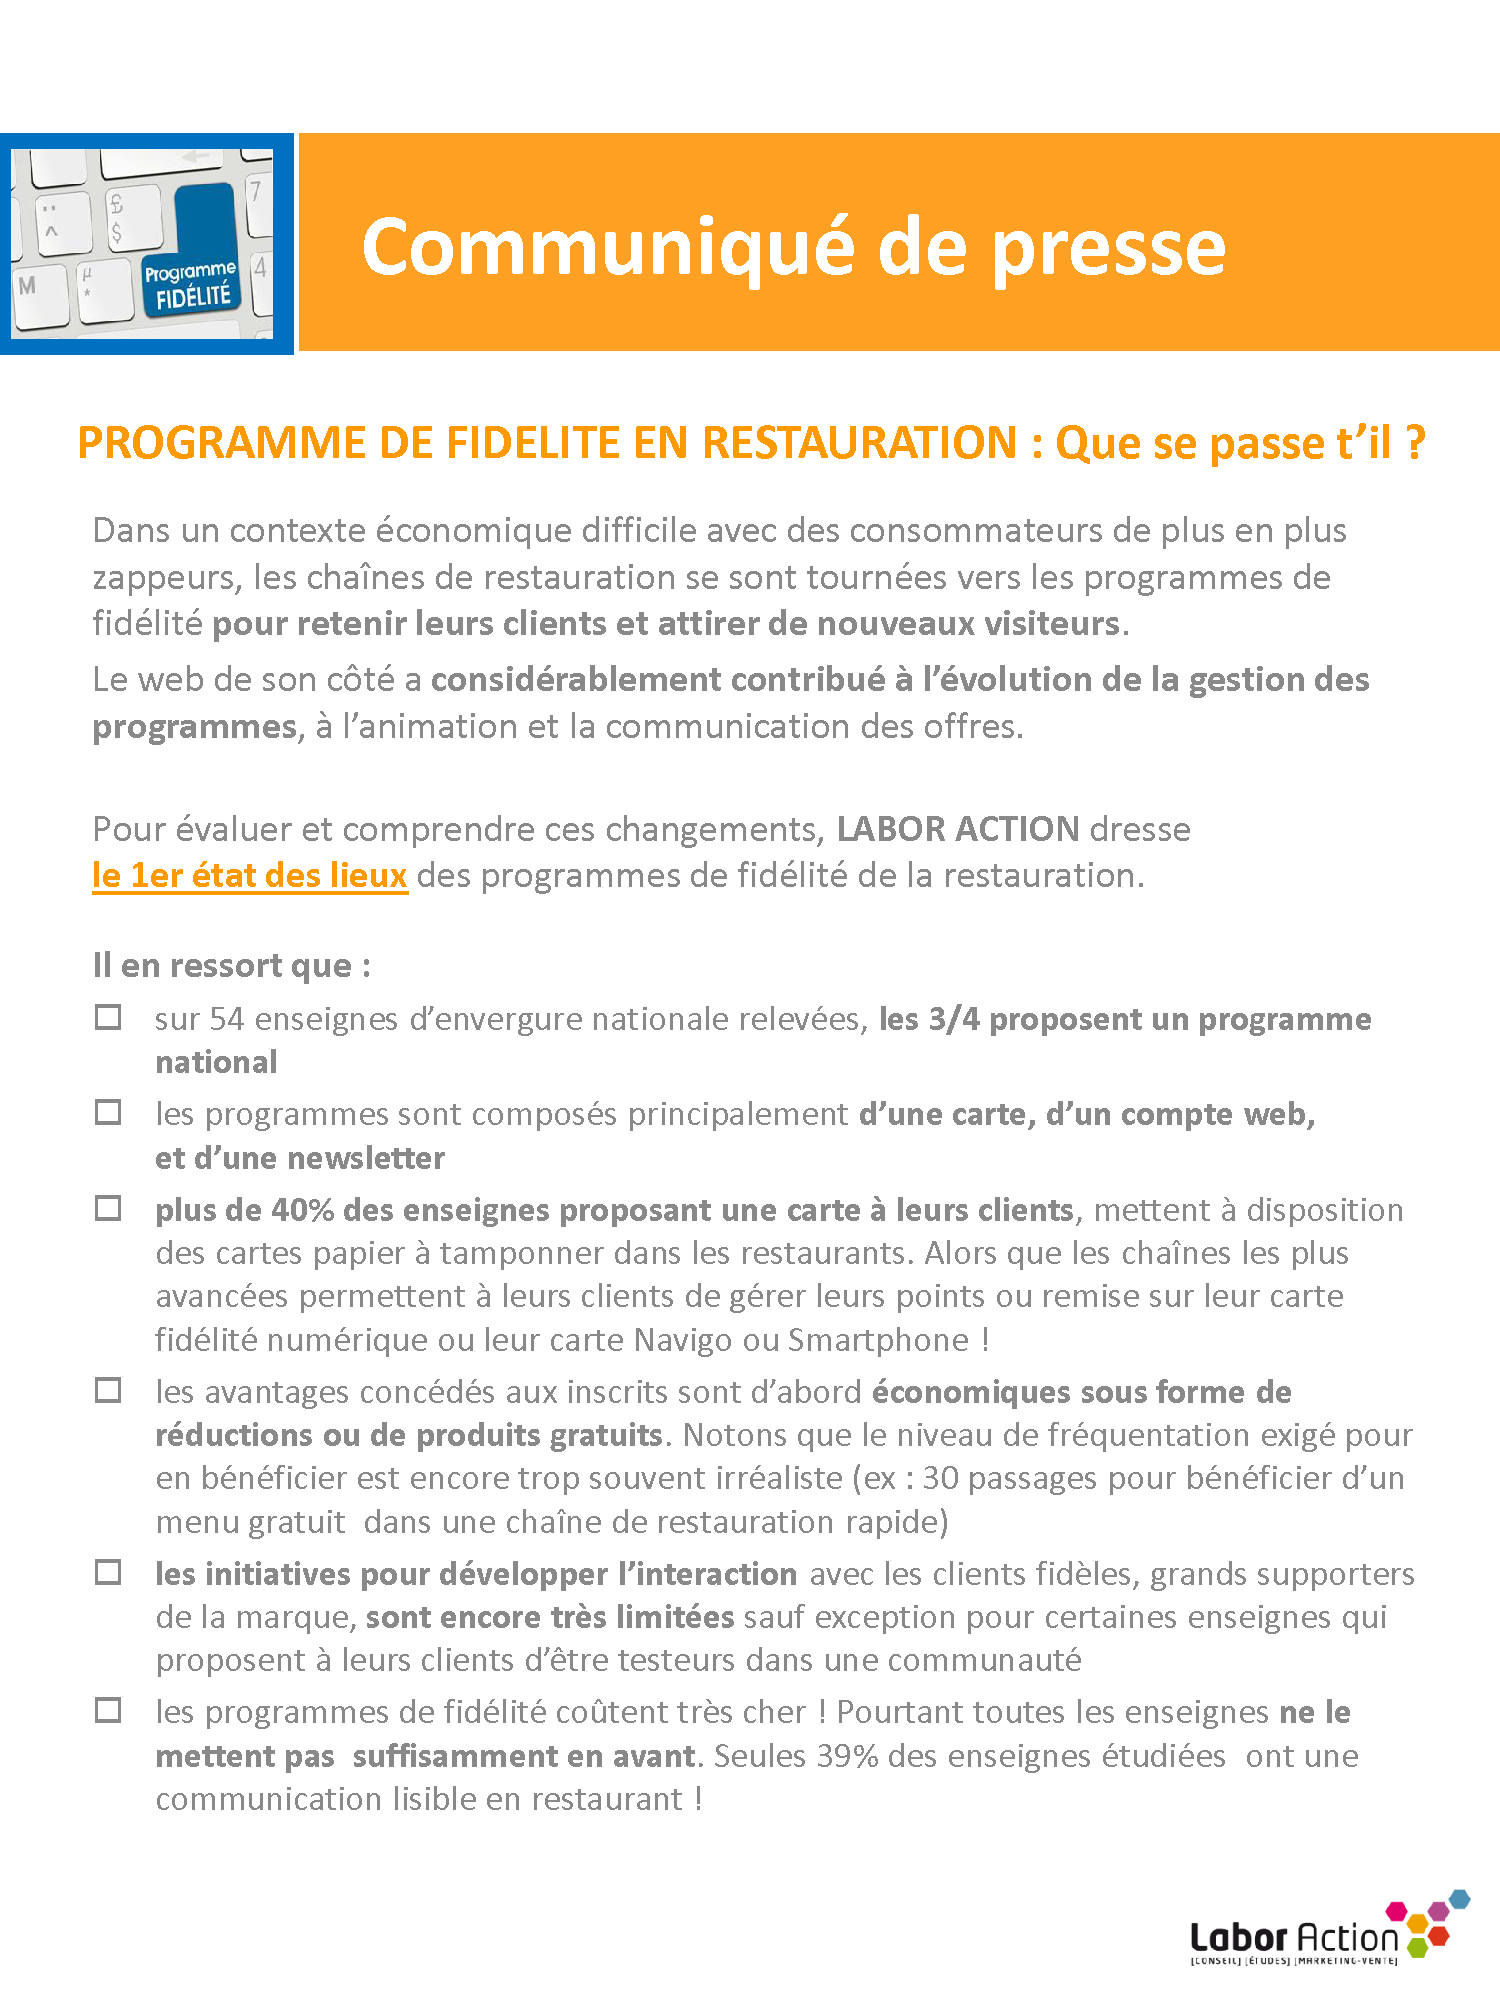 Panorama programmes de fidélité - Labor Action_Page_1